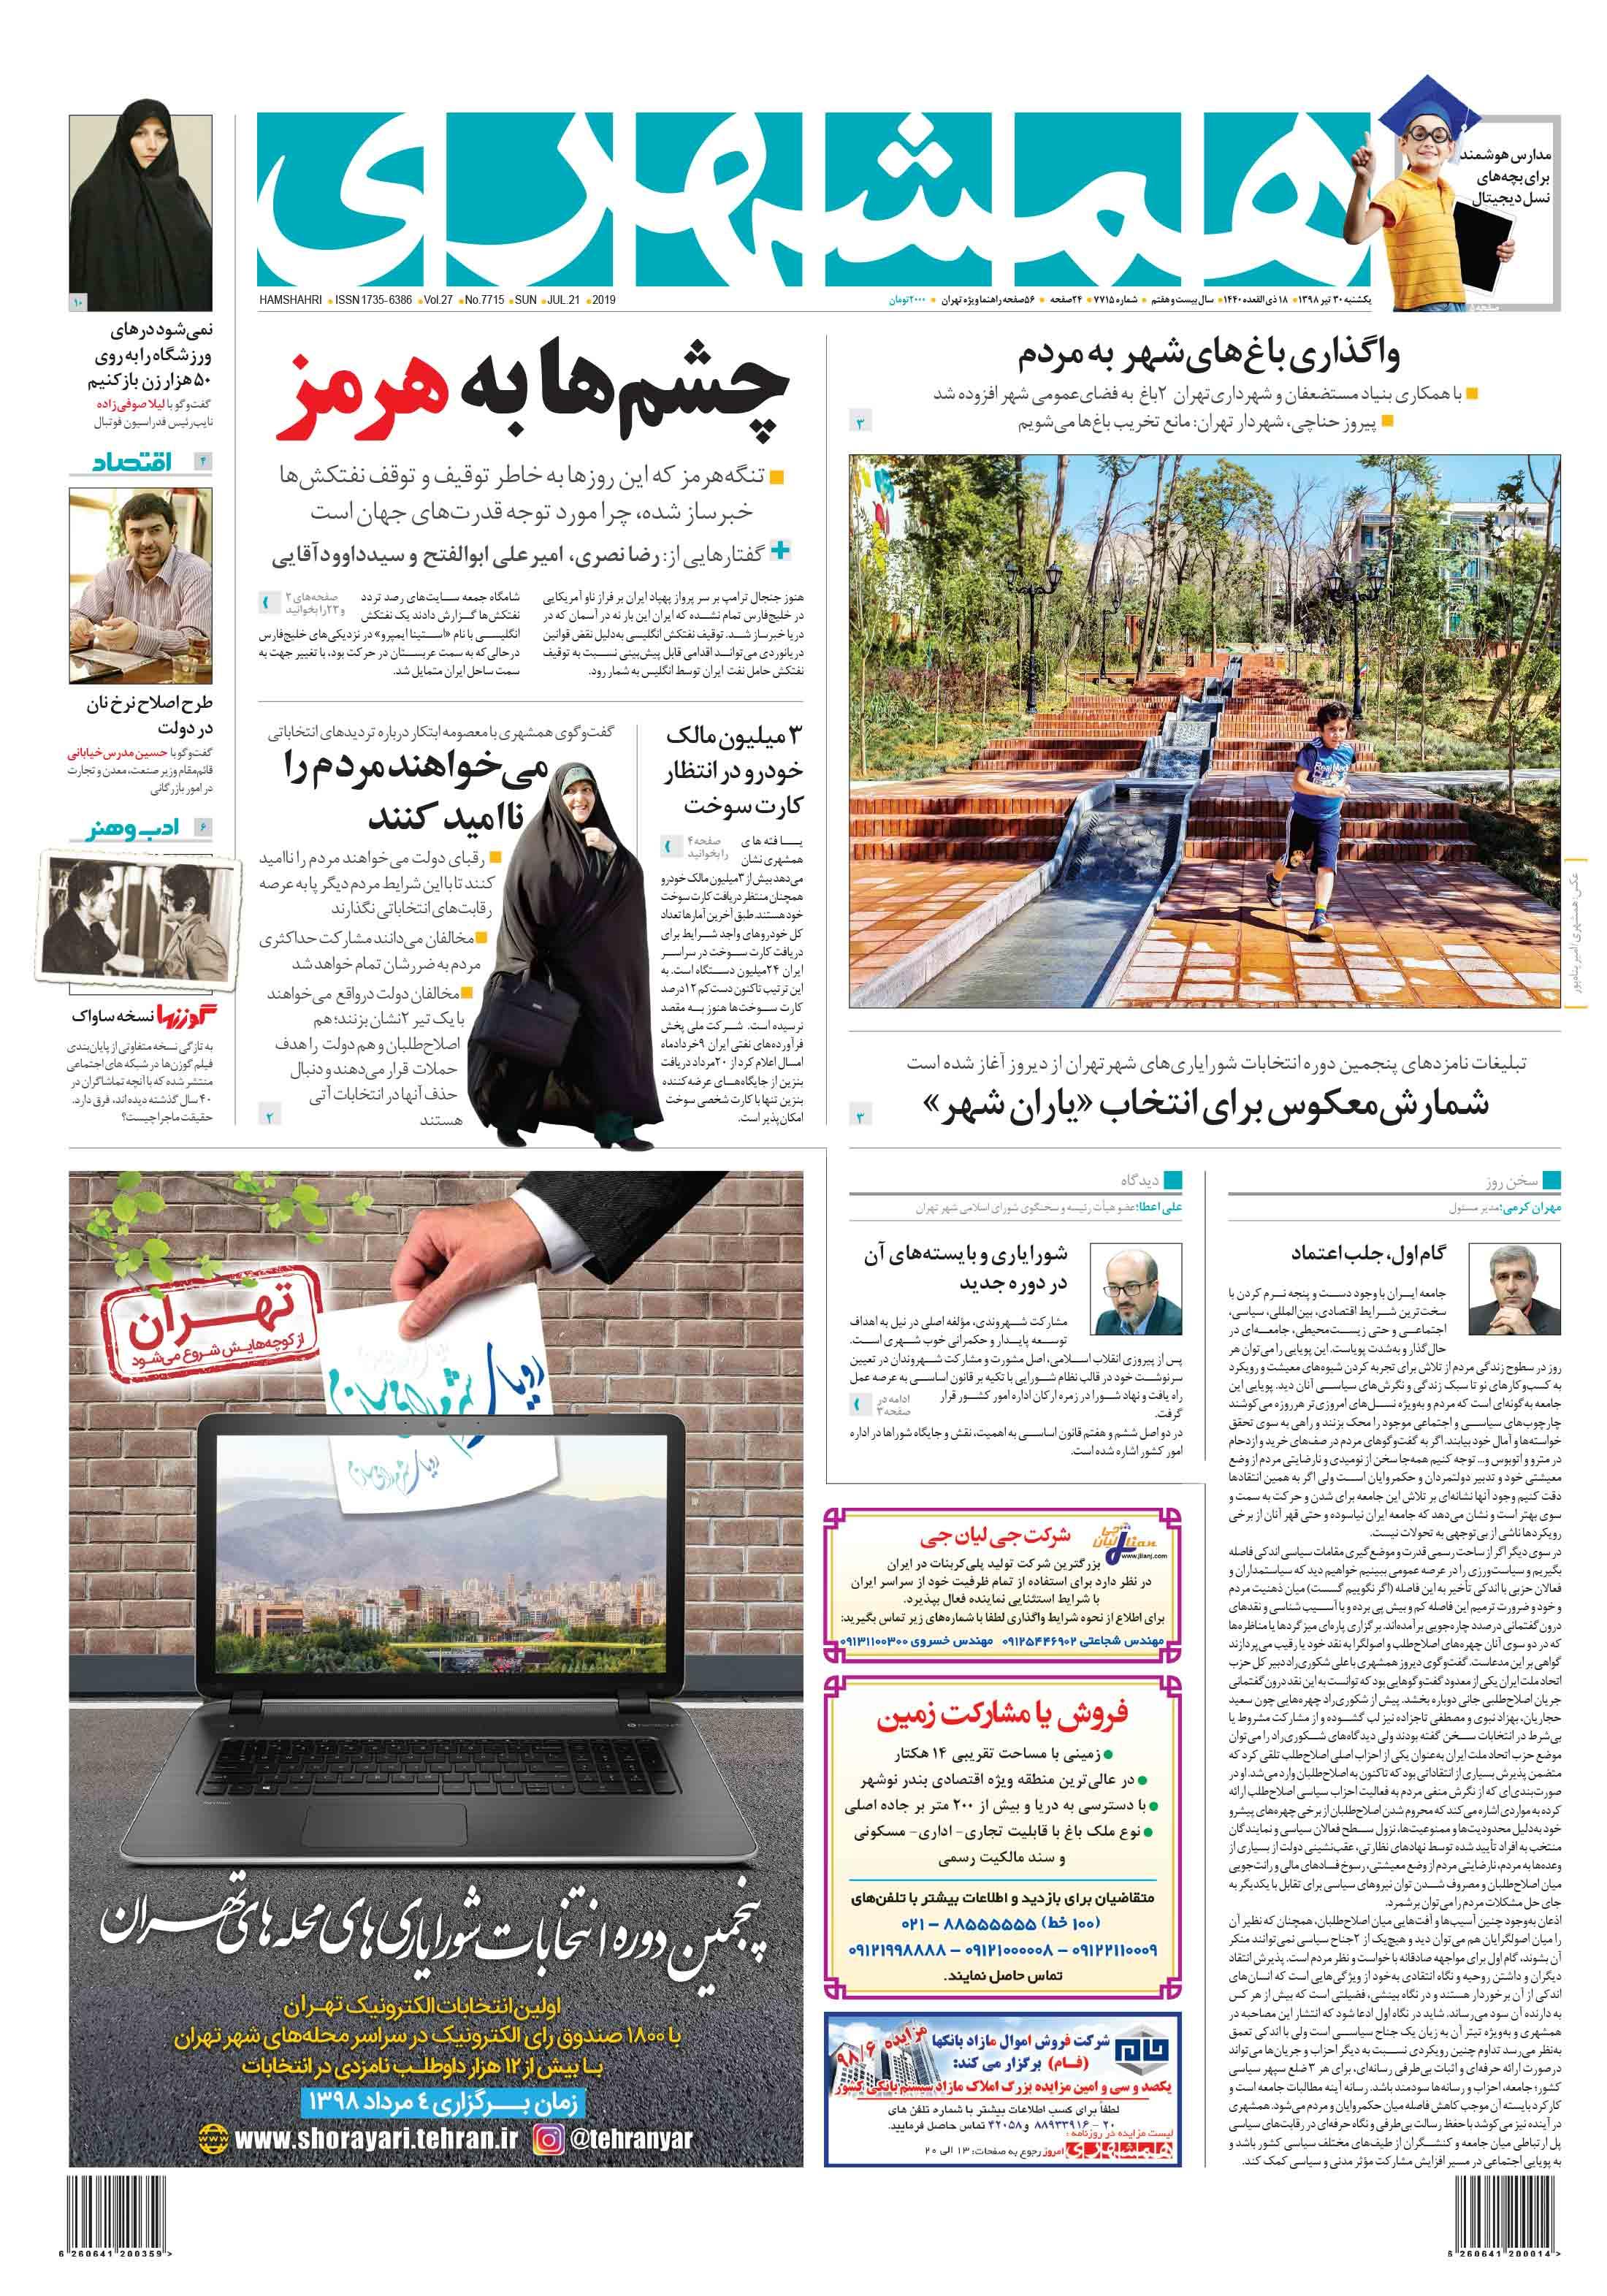 صفحه اول یکشنبه 30 تیر 1398